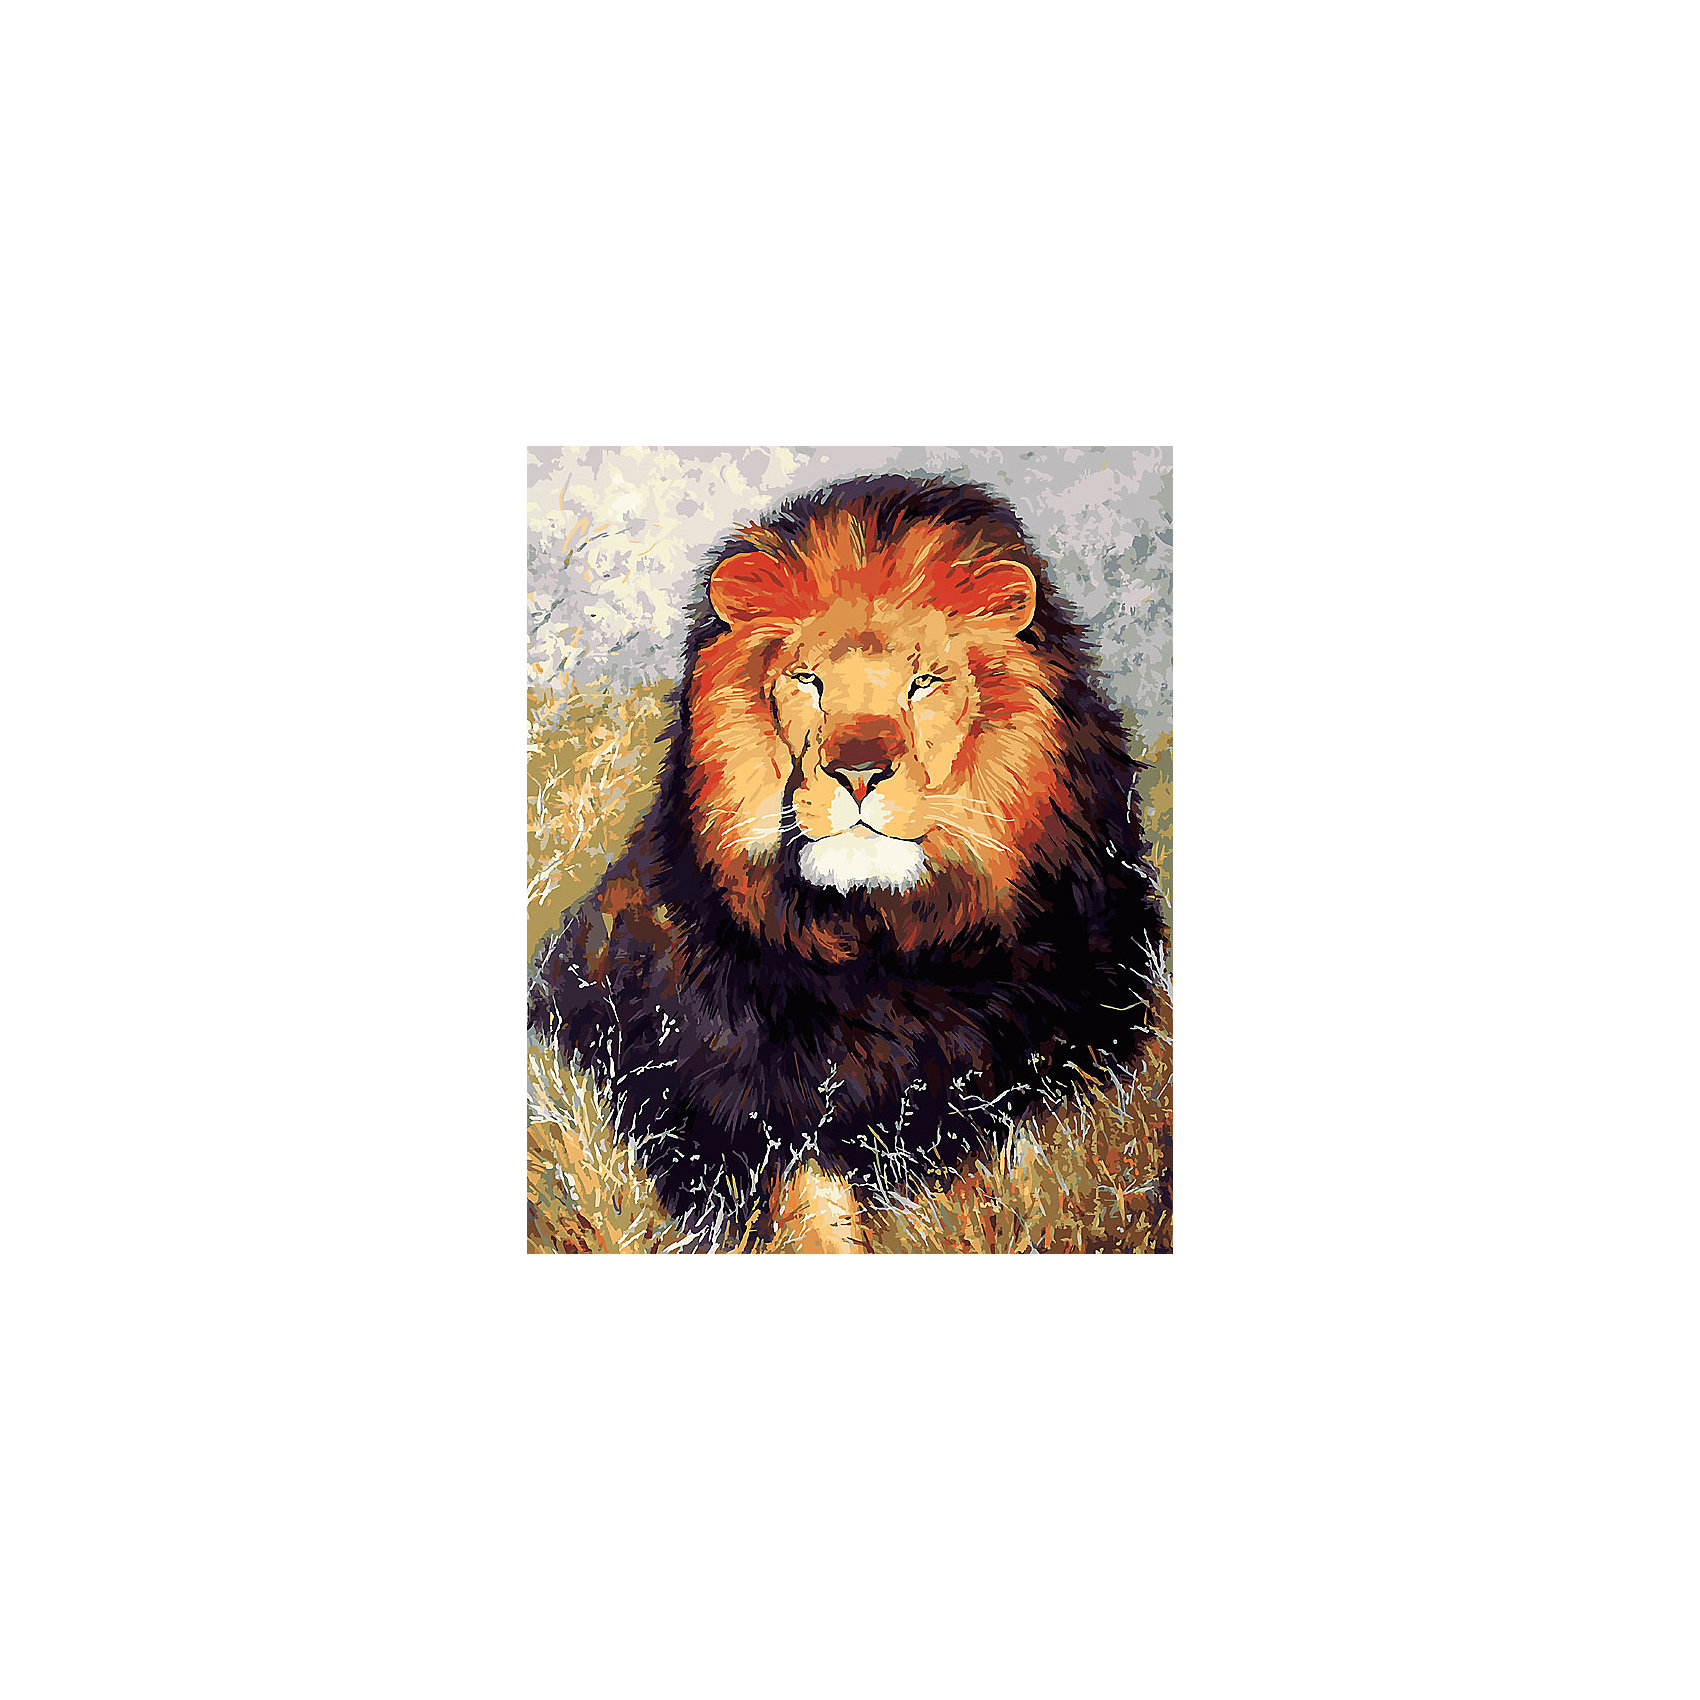 Белоснежка Живопись на холсте 40*50 см Царь зверей картина на холсте decoretto art царь зверей 60 х 30 см